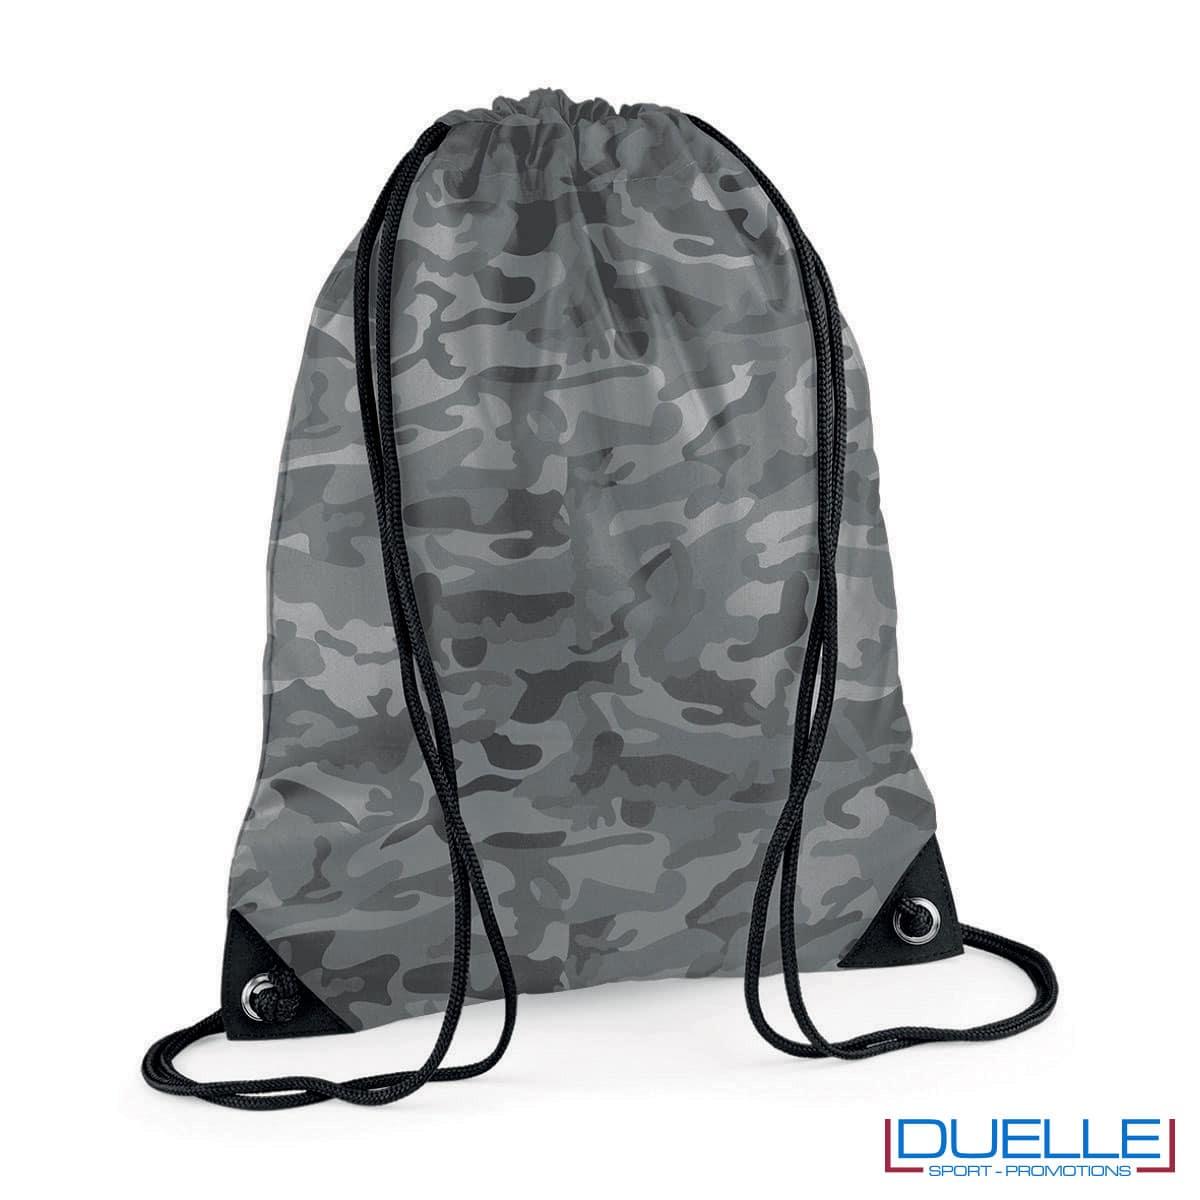 zainetto sportivo personalizzato in nylon colore grigio camouflage